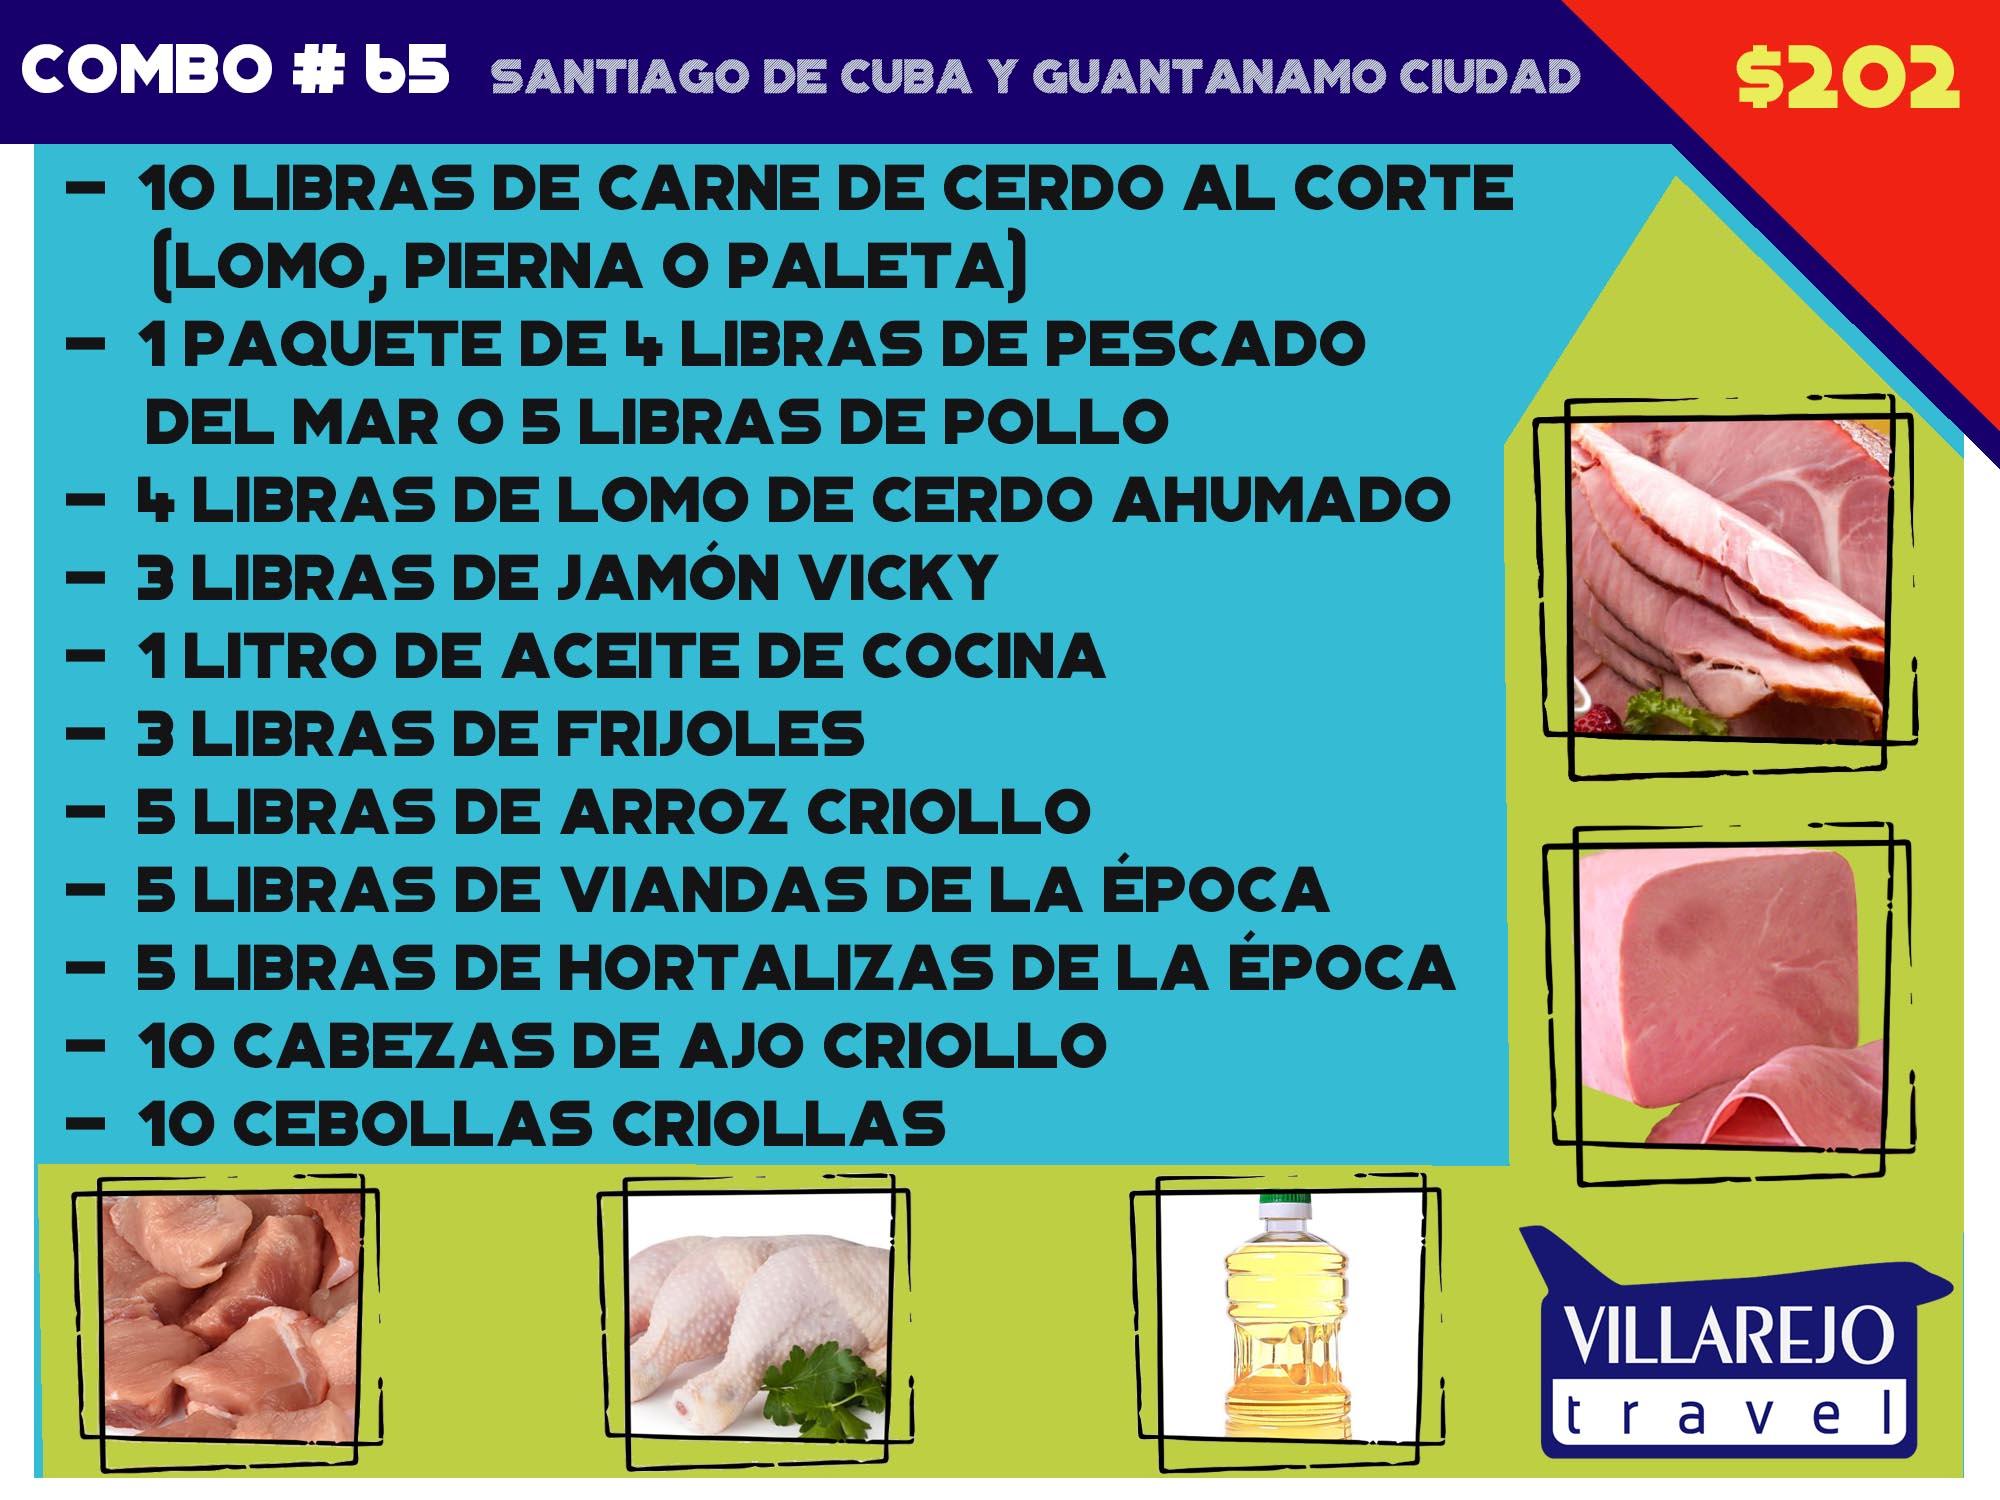 COMBO # 65 SANTIAGO DE CUBA Y GUANTANAMO CIUDAD